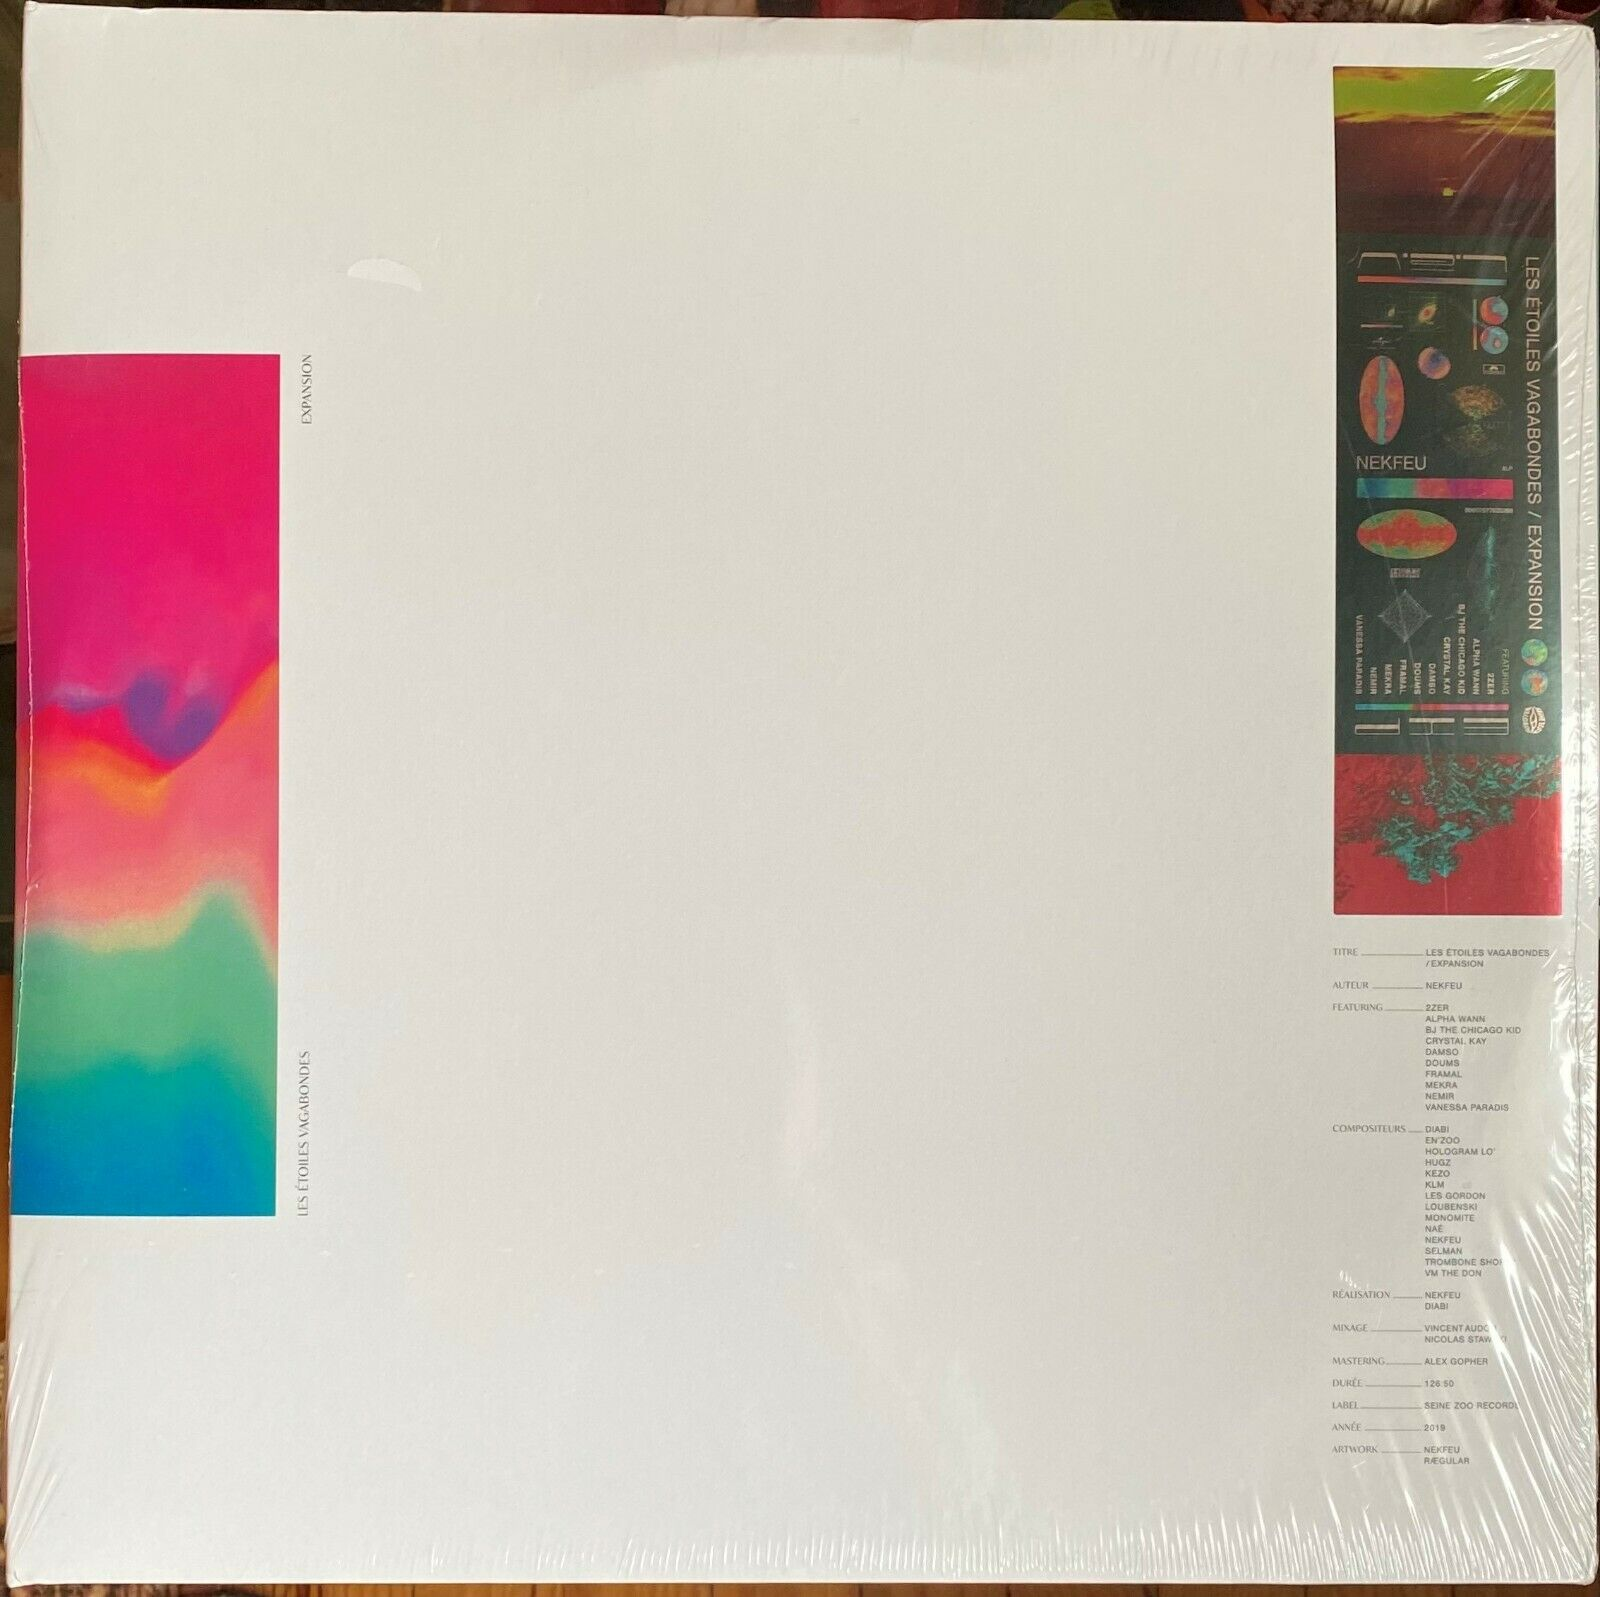 Nekfeu - Les étoiles vagabondes - Quadruple Album Vinyle Noir - Edition Limitée